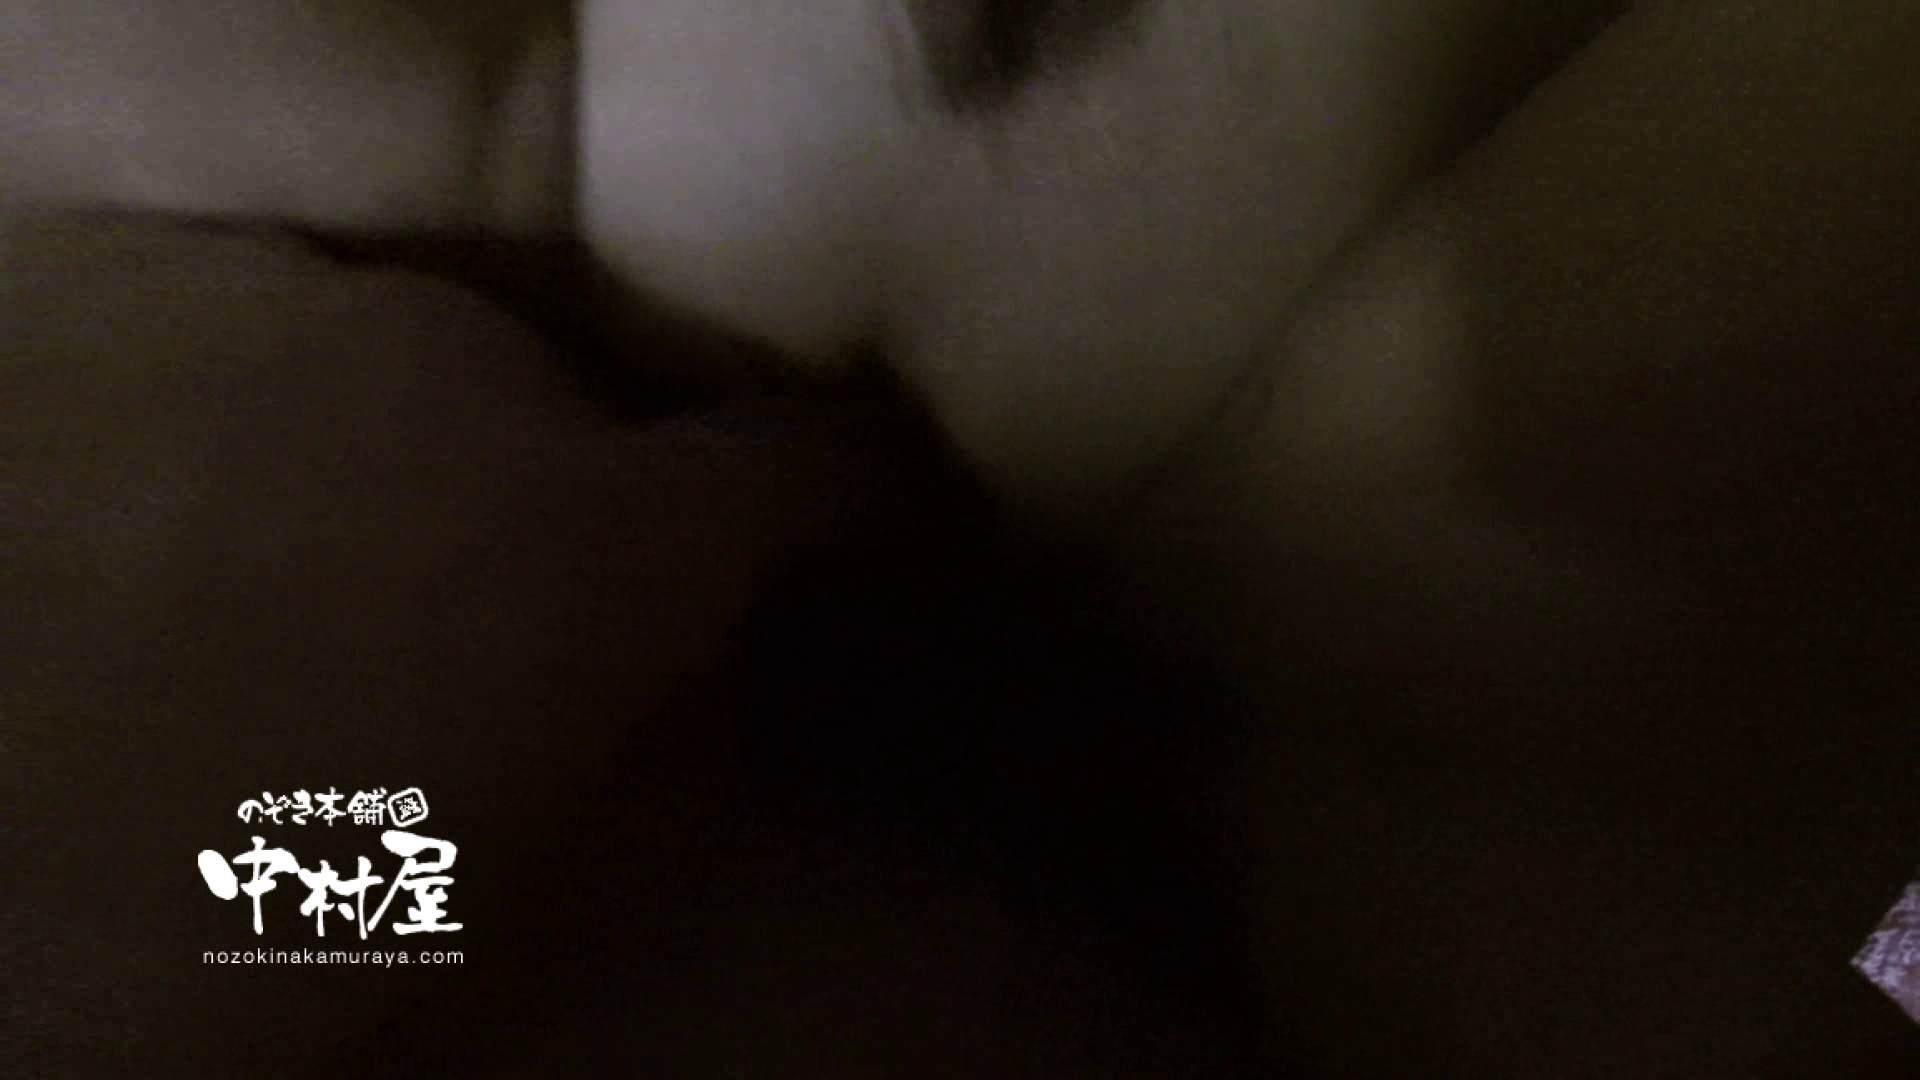 鬼畜 vol.10 あぁ無情…中出しパイパン! 後編 いやらしいOL オメコ無修正動画無料 47連発 20